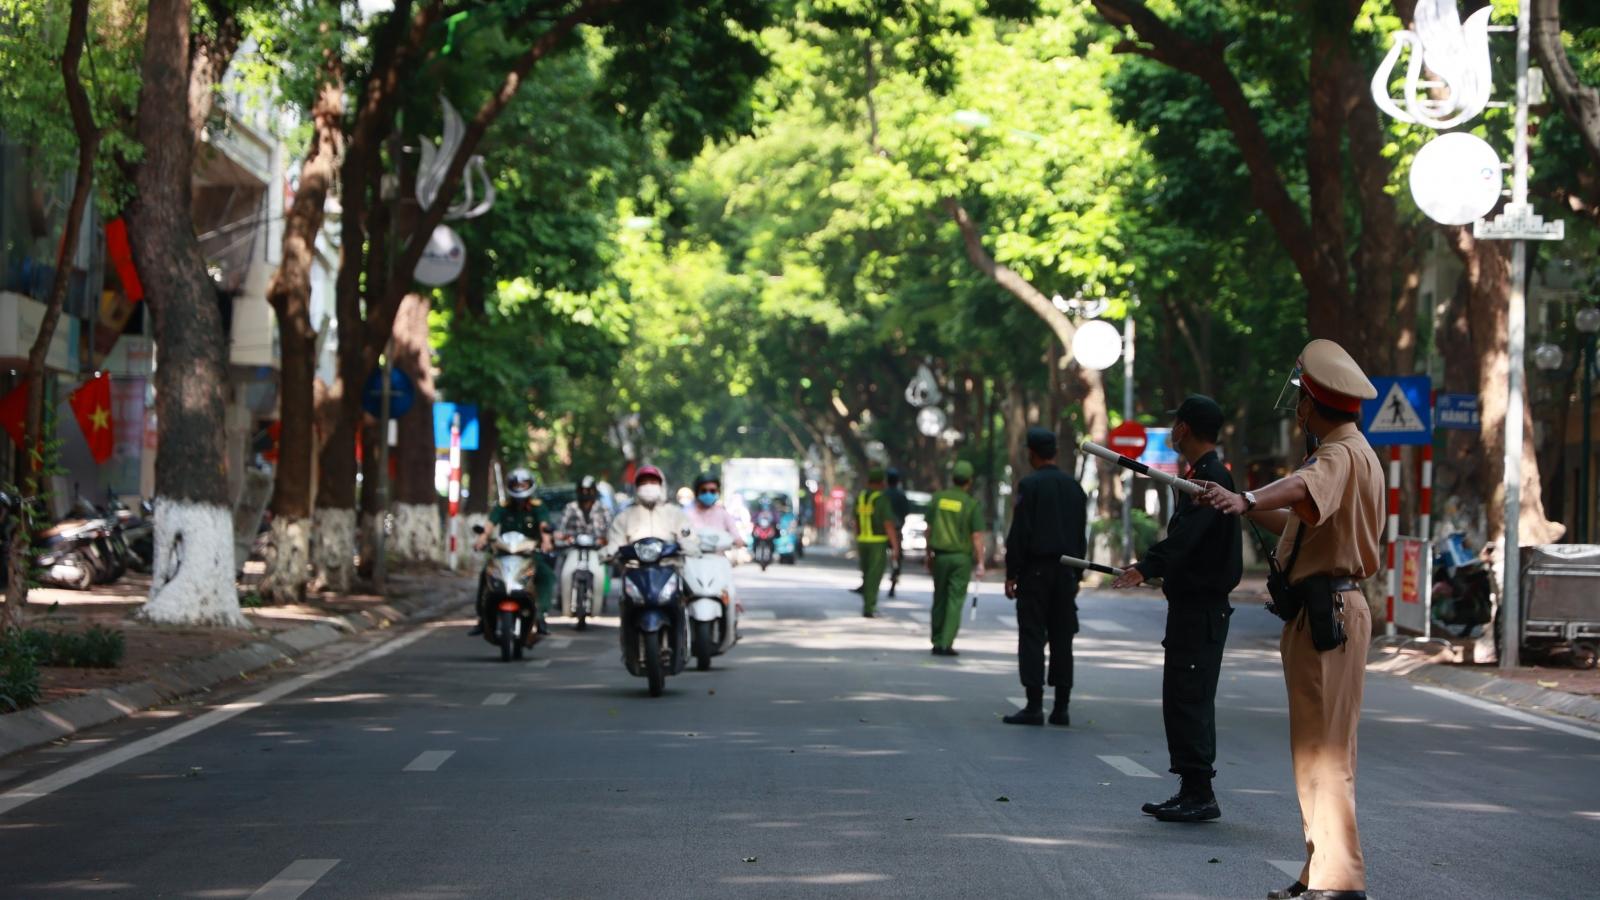 Từ ngày mai (8/9), Hà Nội chính thức kiểm soát chặt người và phương tiện ra vào vùng 1